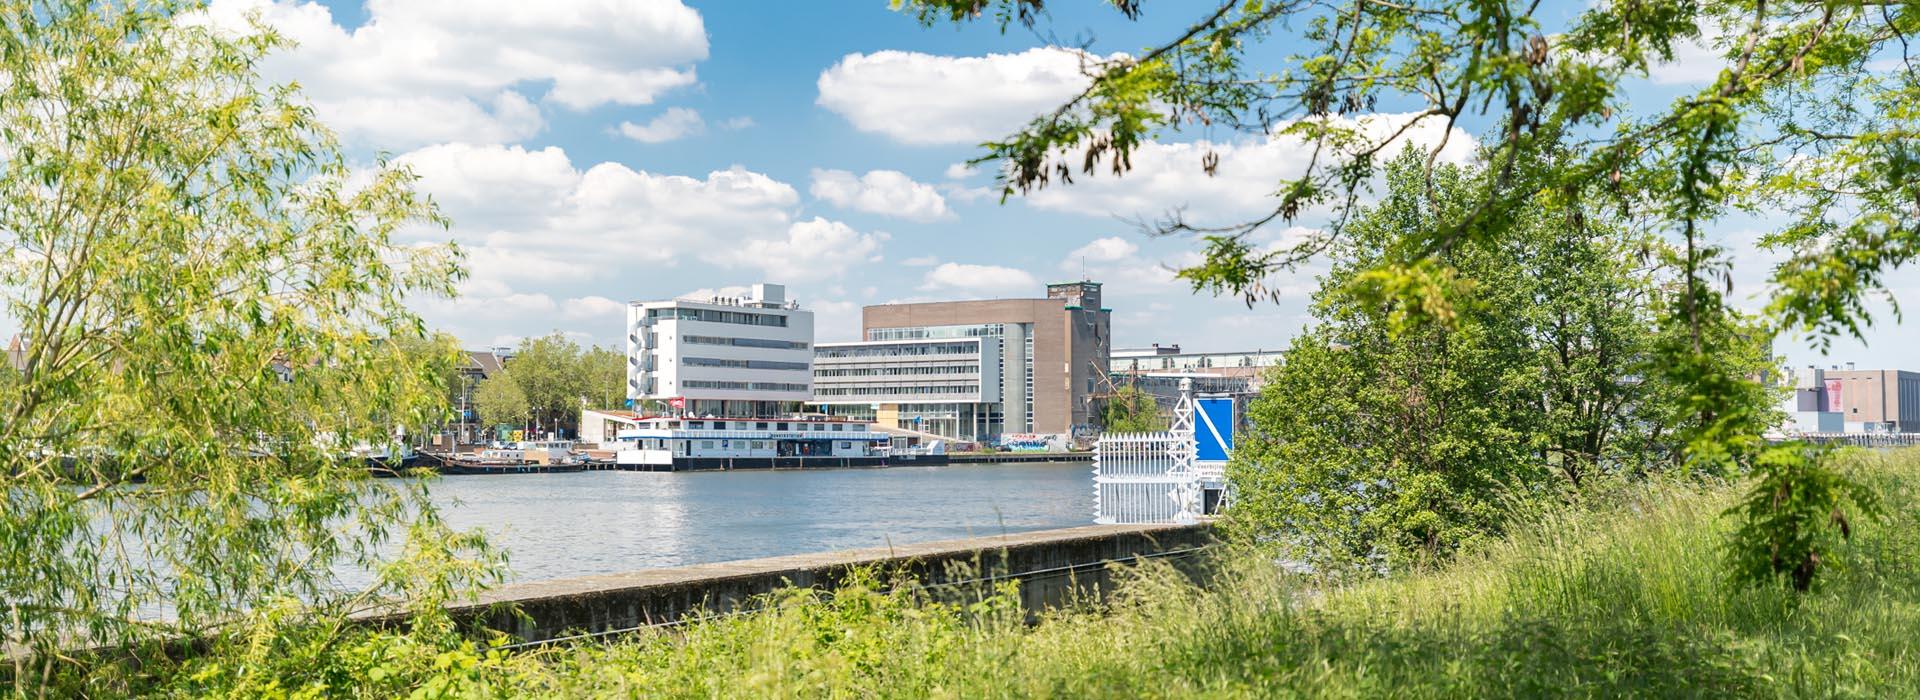 building DOK01 in Maastricht